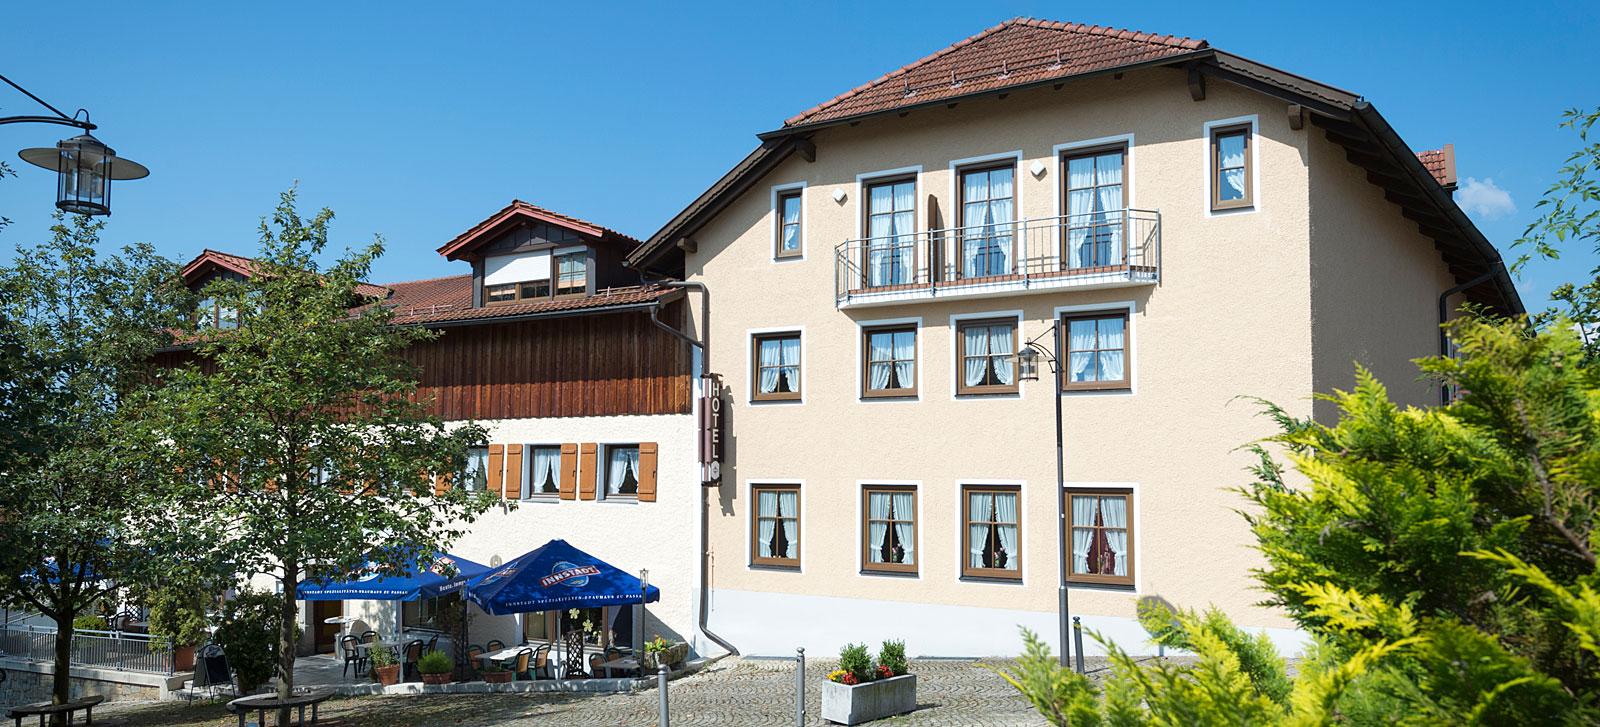 Landhotel Jägerstöckl bei Grafenau / Bayerischer Wald